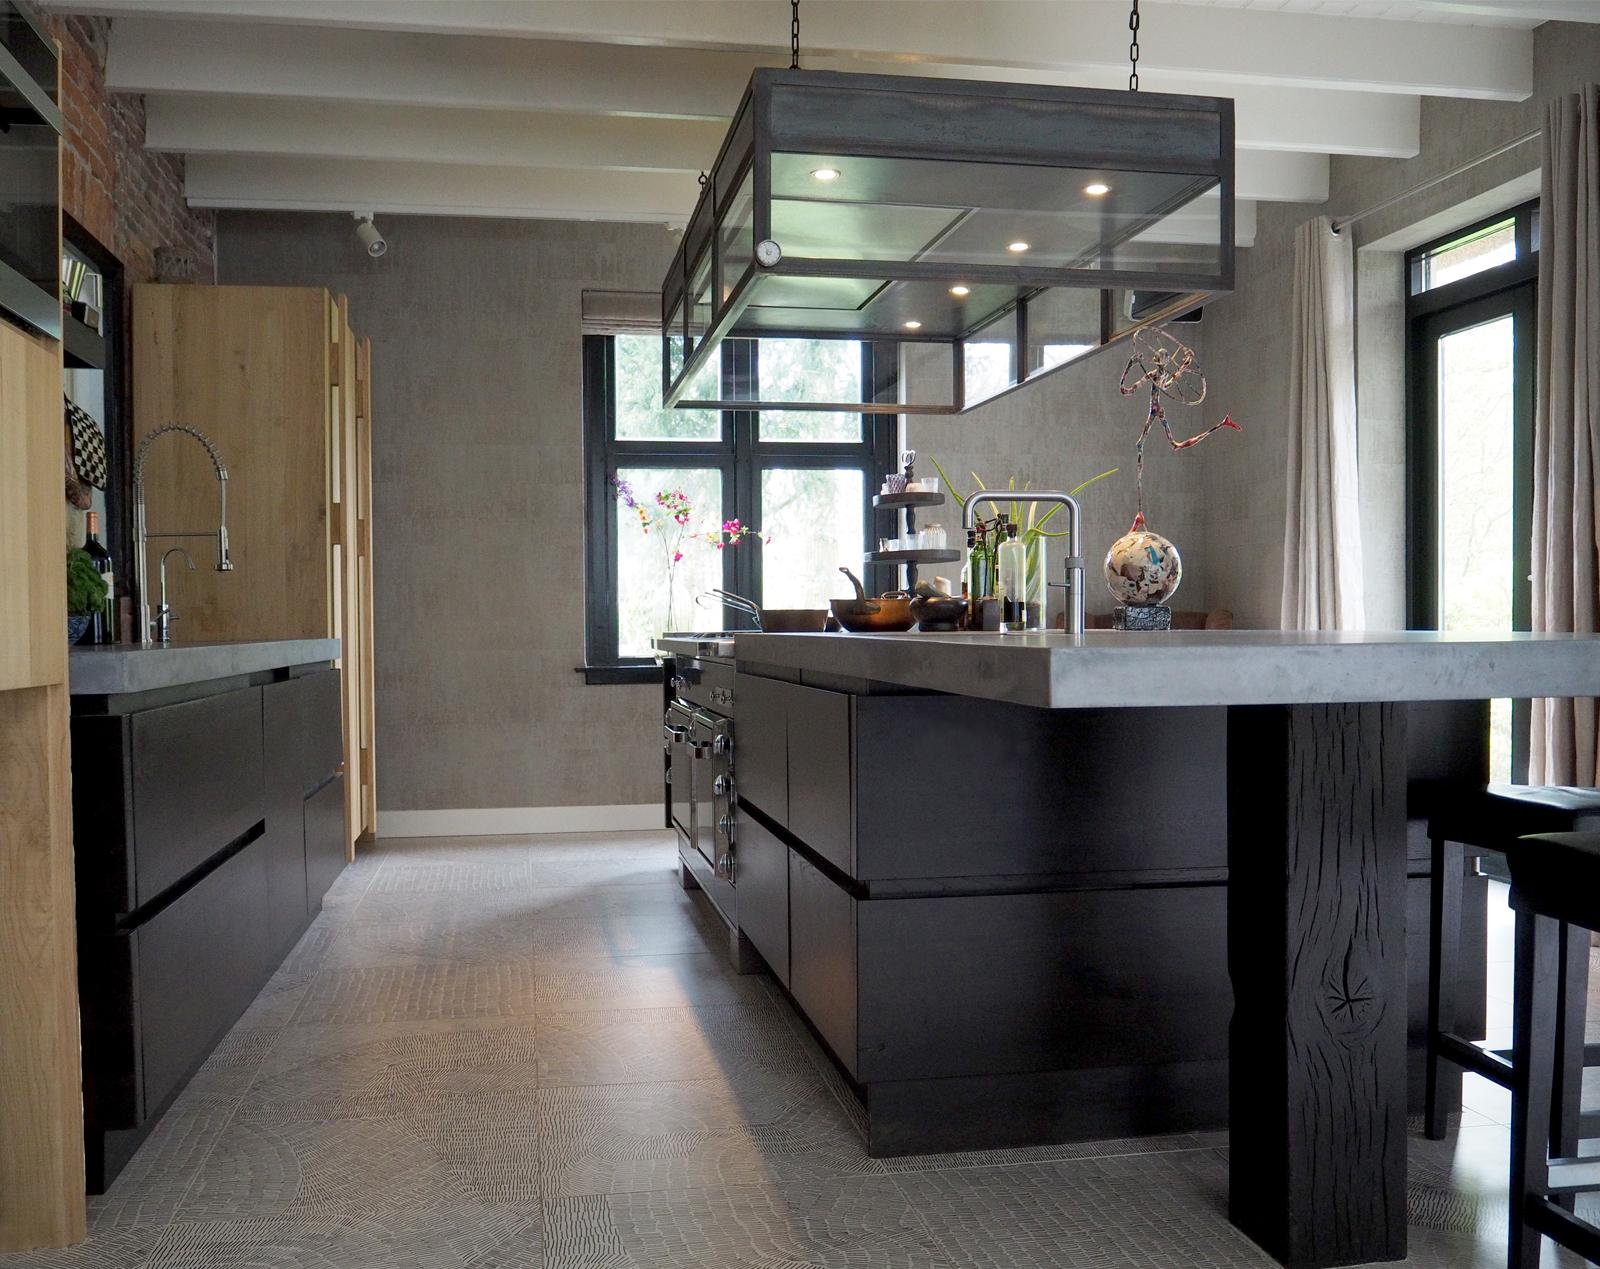 jeroendenijs_woonkeuken_ijmuiden_tiles_cooking